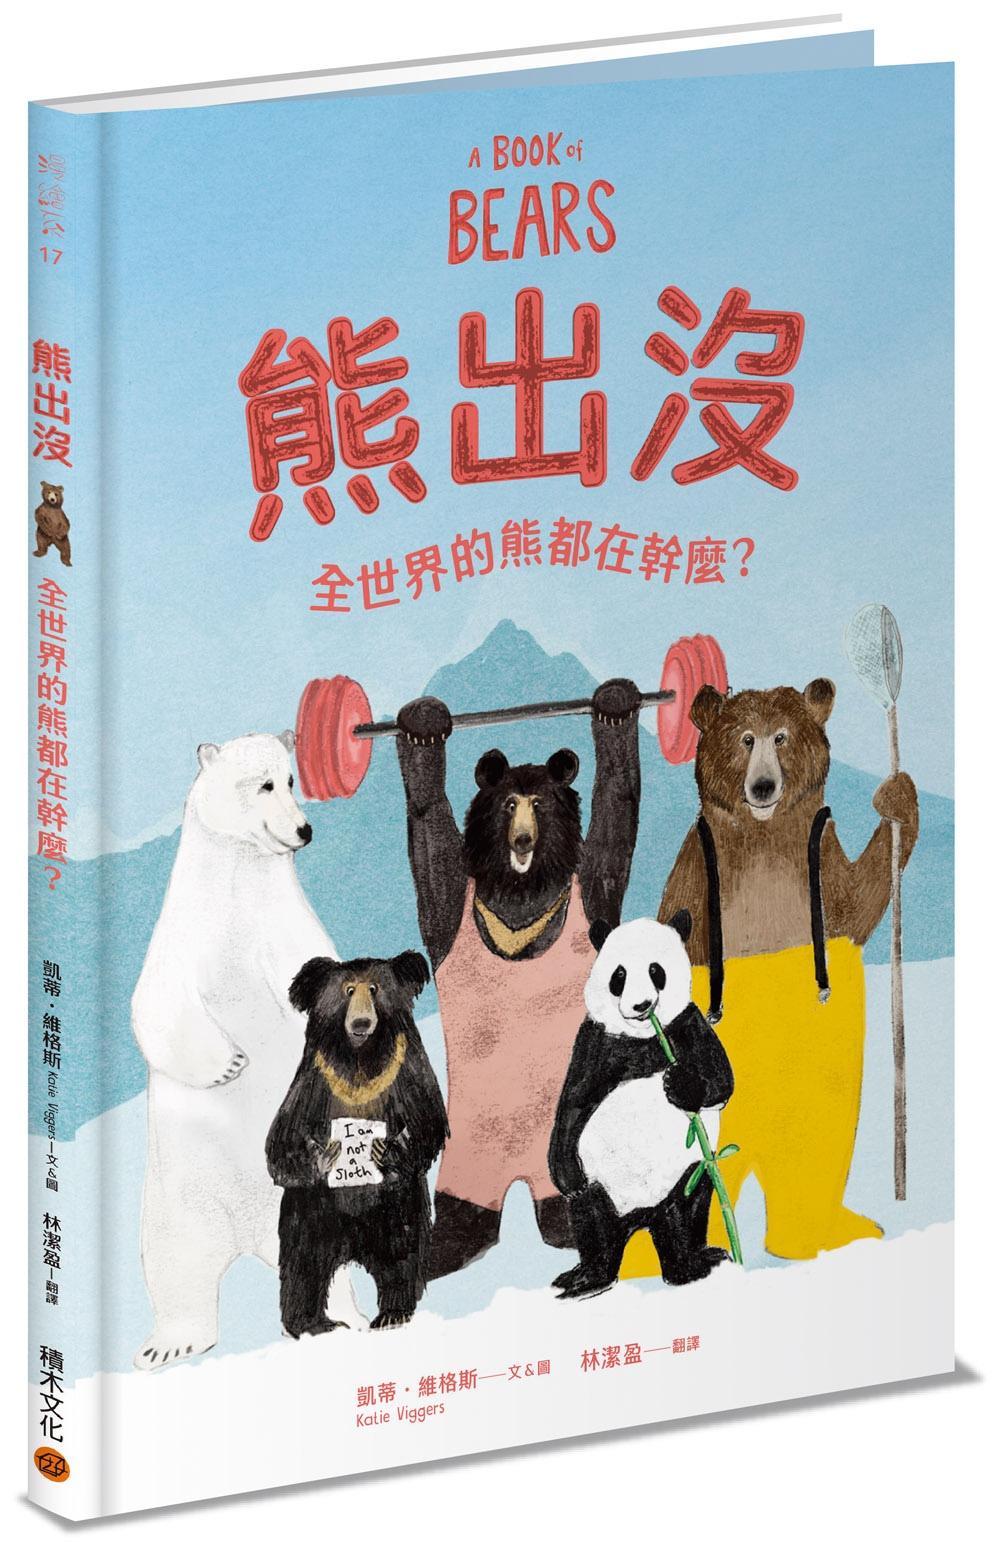 熊出沒:全世界的熊都在幹麼?